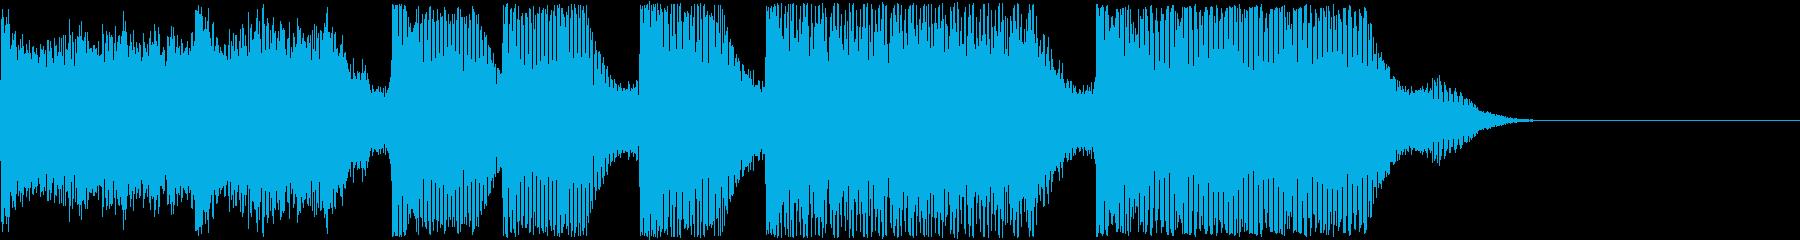 AI メカ/ロボ/マシン動作音 14の再生済みの波形